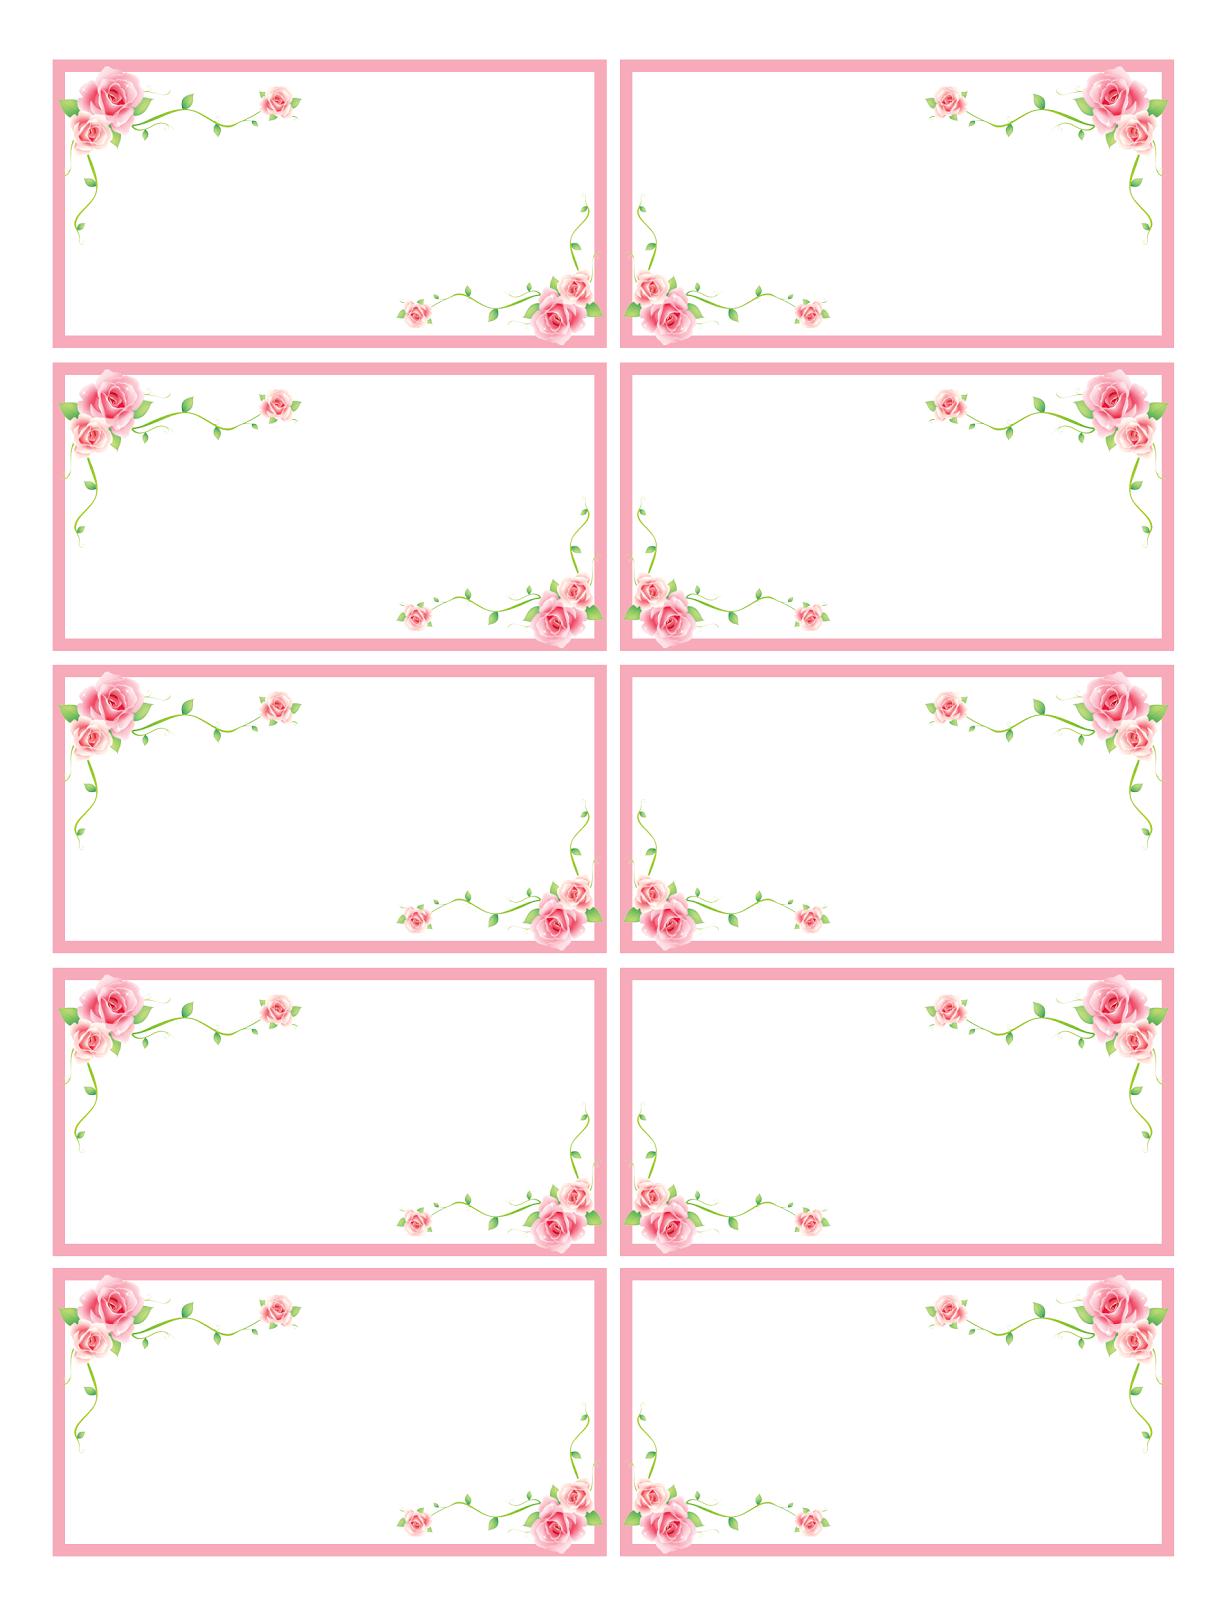 Creazioni cla etichette fiorite - Stampabili per bambini gratis ...